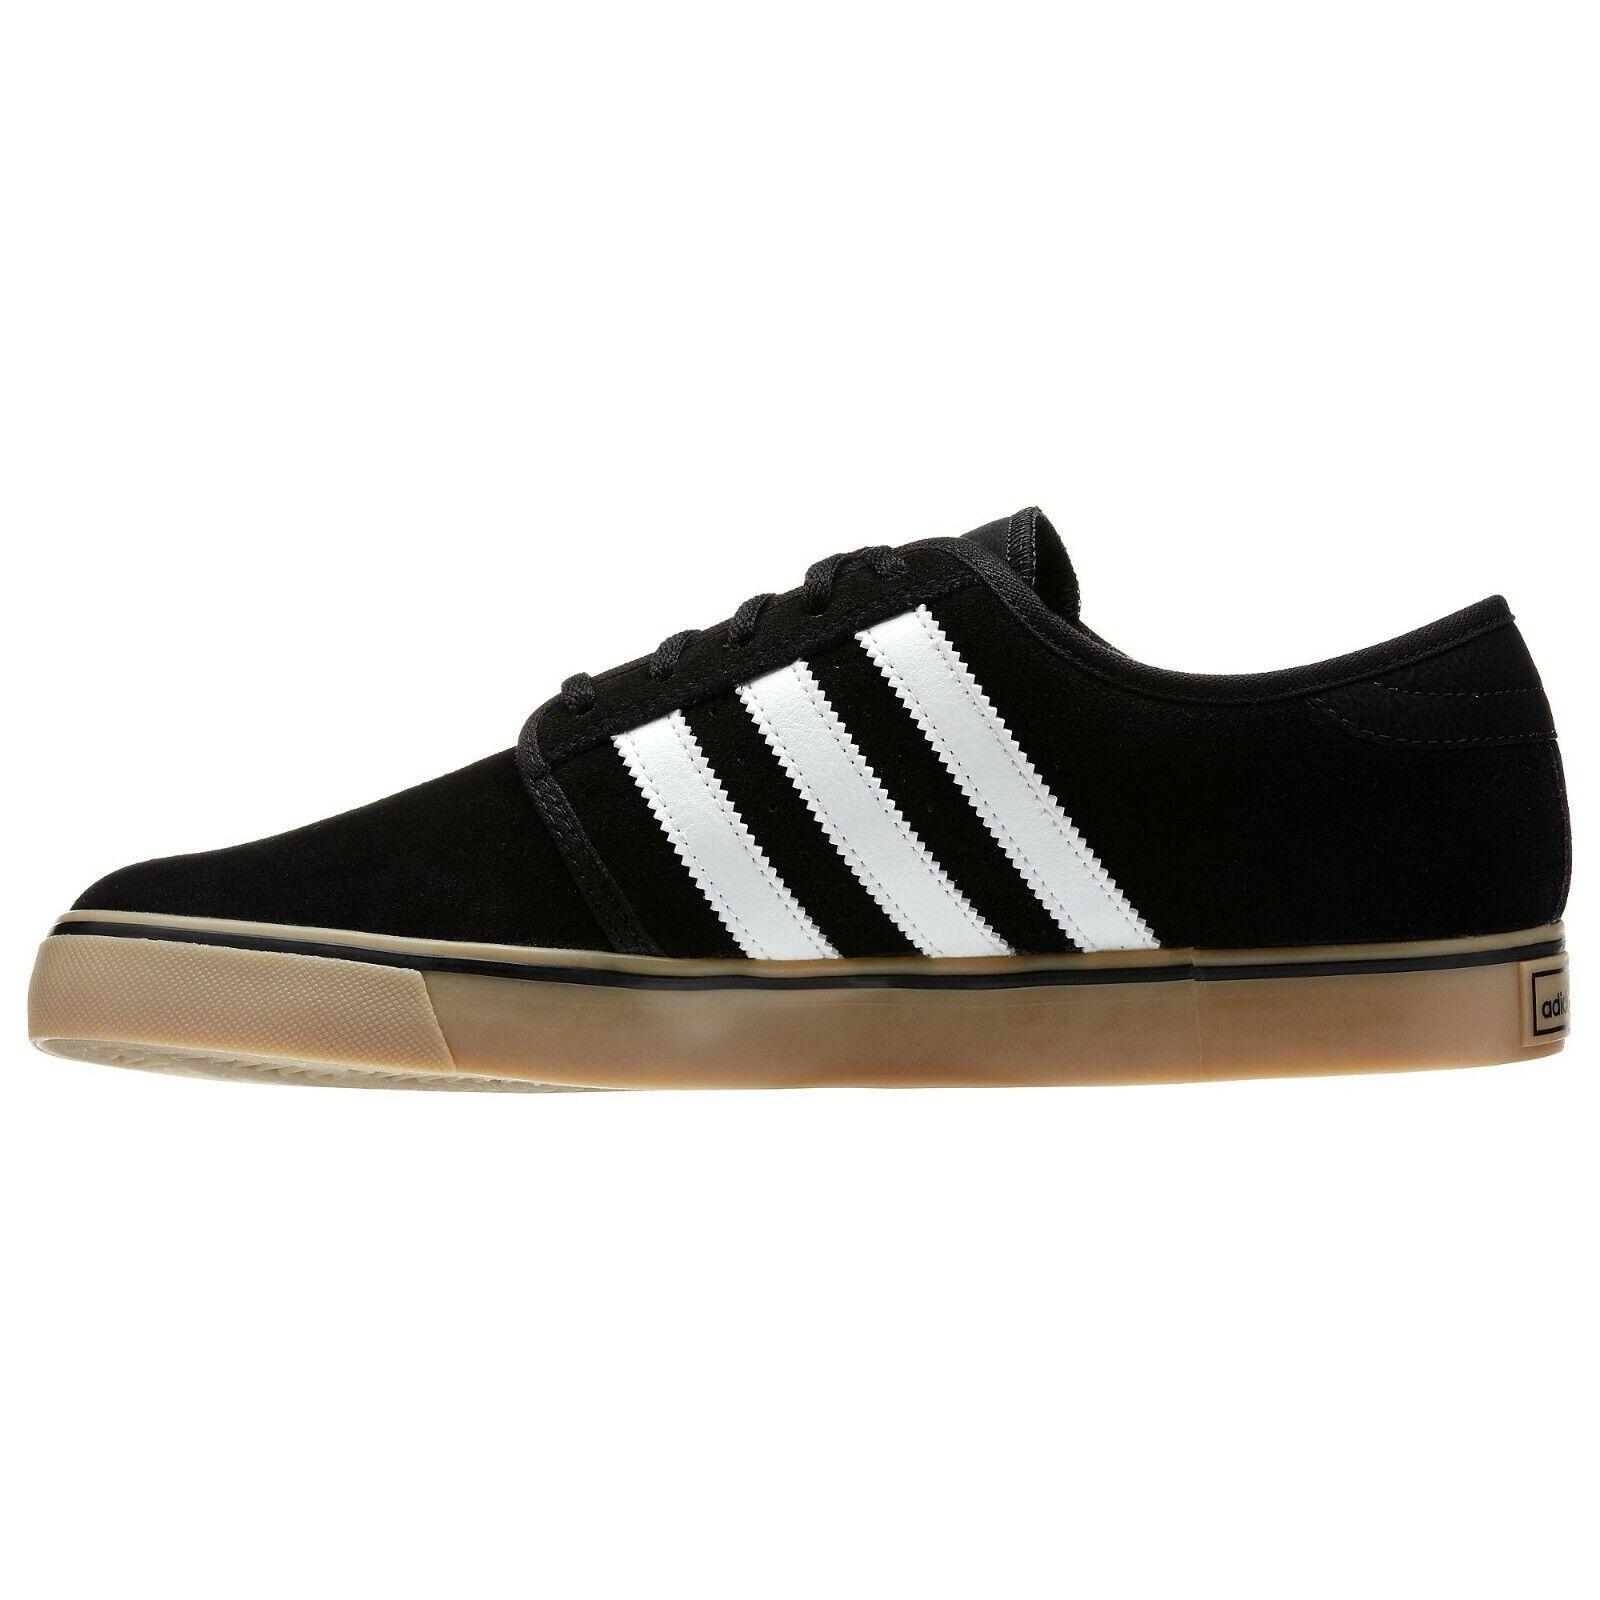 Adidas     seeley   g65525   mens pattinare le scarpe   nero   bianco   gomma | Ben Noto Per Le Sue Belle Qualità  25b27d